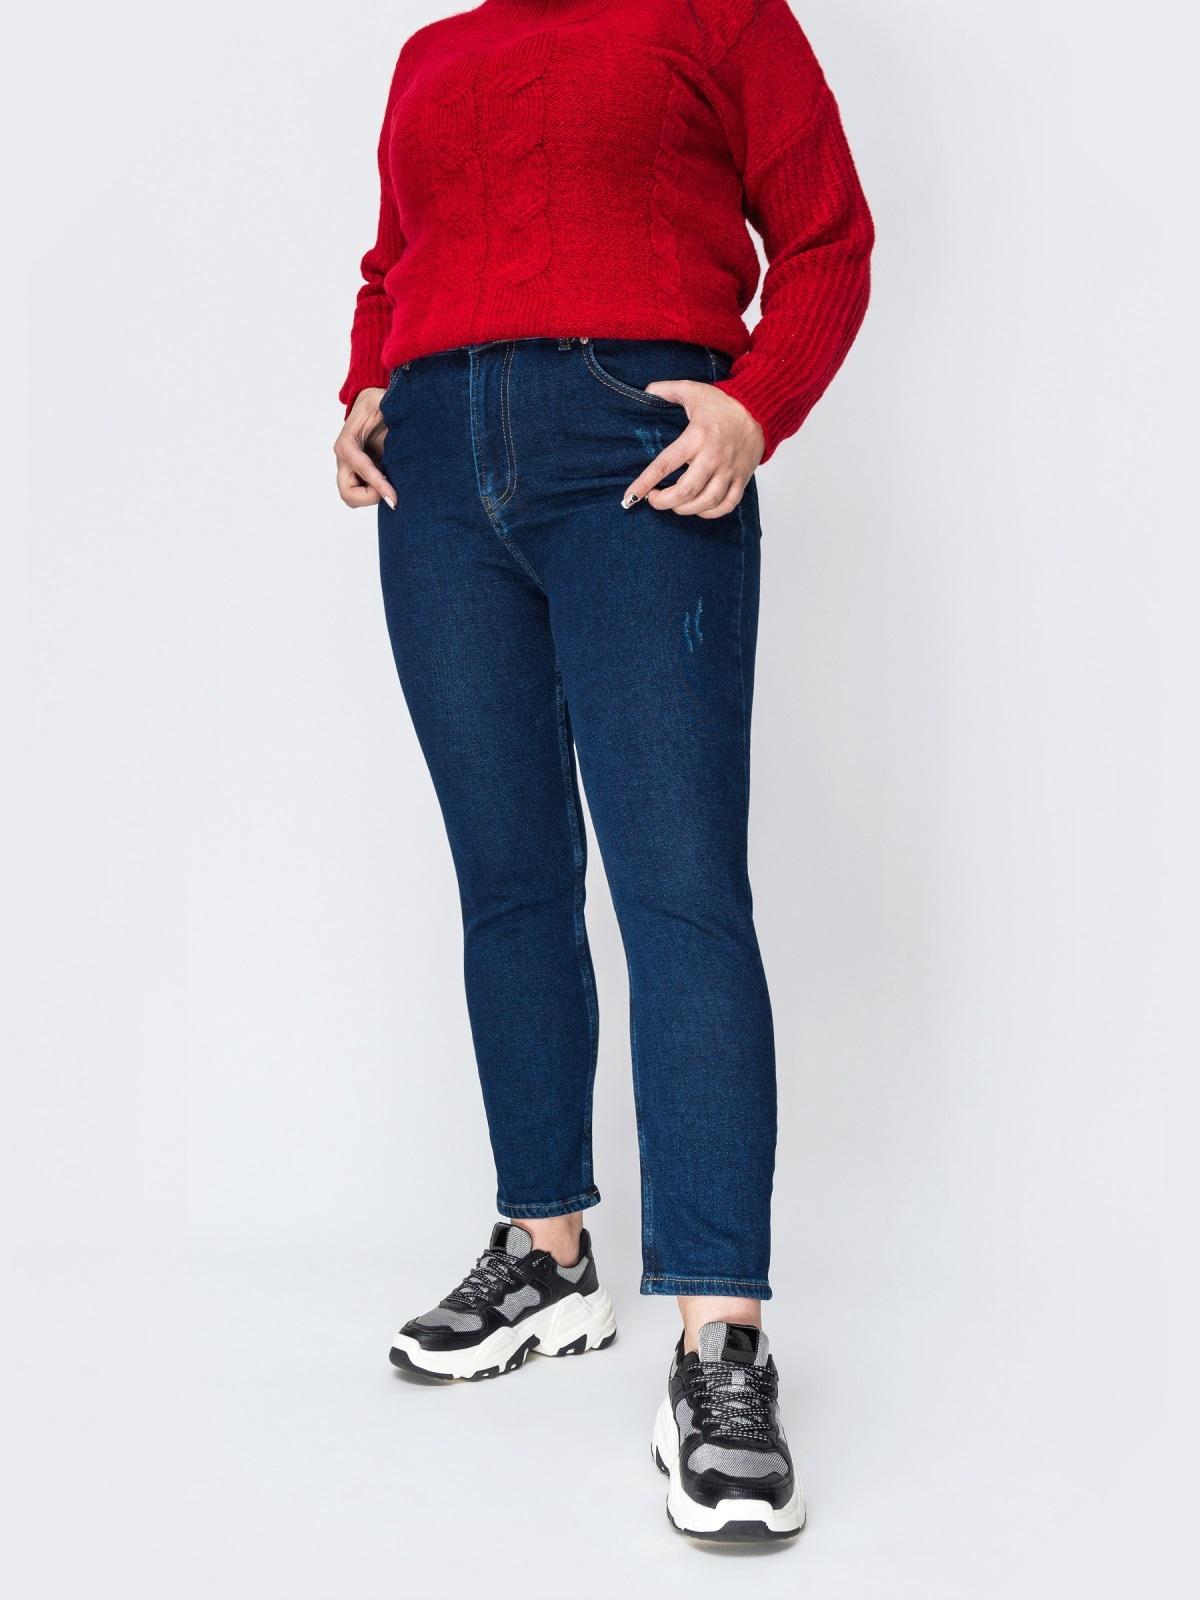 Осенние джинсы тёмно-синего цвета с завышенной талией - 41922, фото 1 – интернет-магазин Dressa